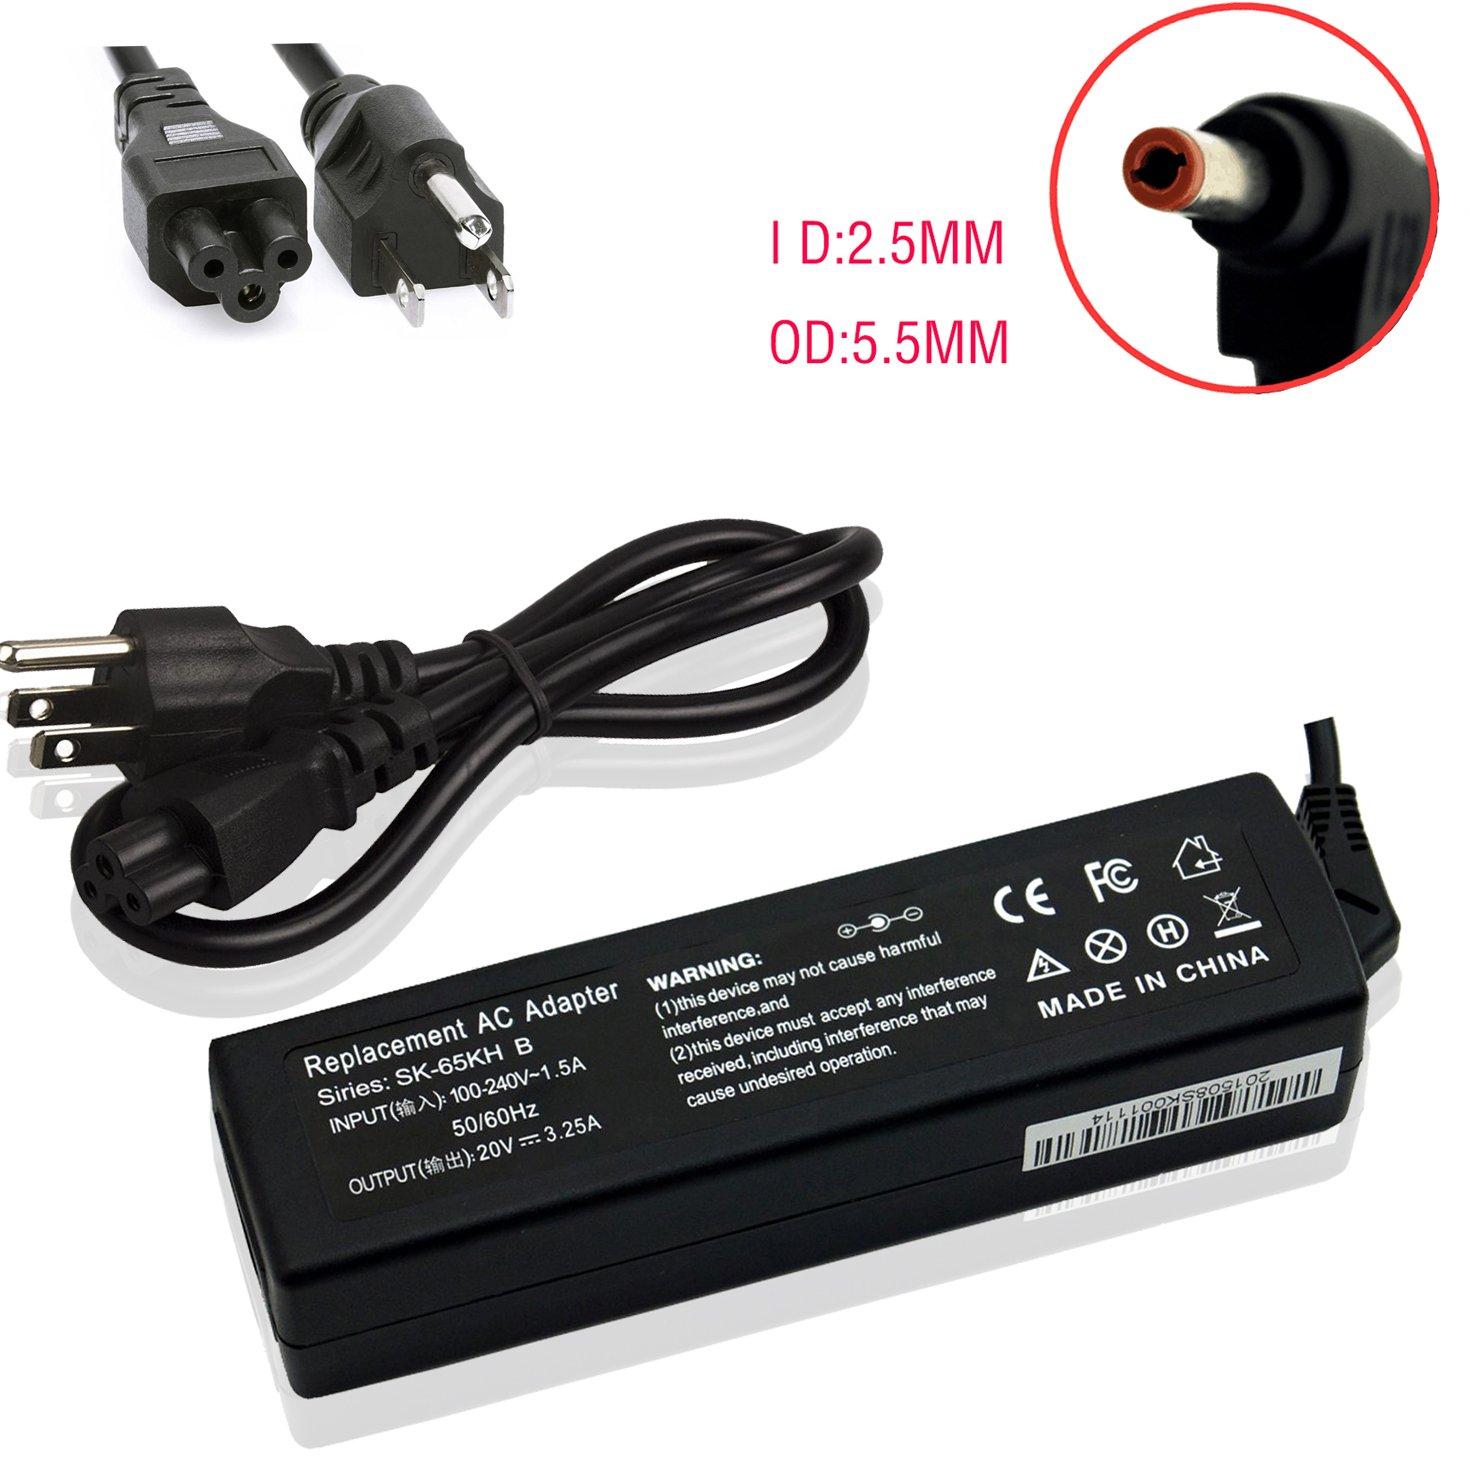 Amazon Novelty 20v 3 25a 65w Ac Adapter Battery Charger Power Supply for For Lenovo G570 B570 B575 G575 B470 G470 G580 G770 1037 Z560 B560 Z565 Z575